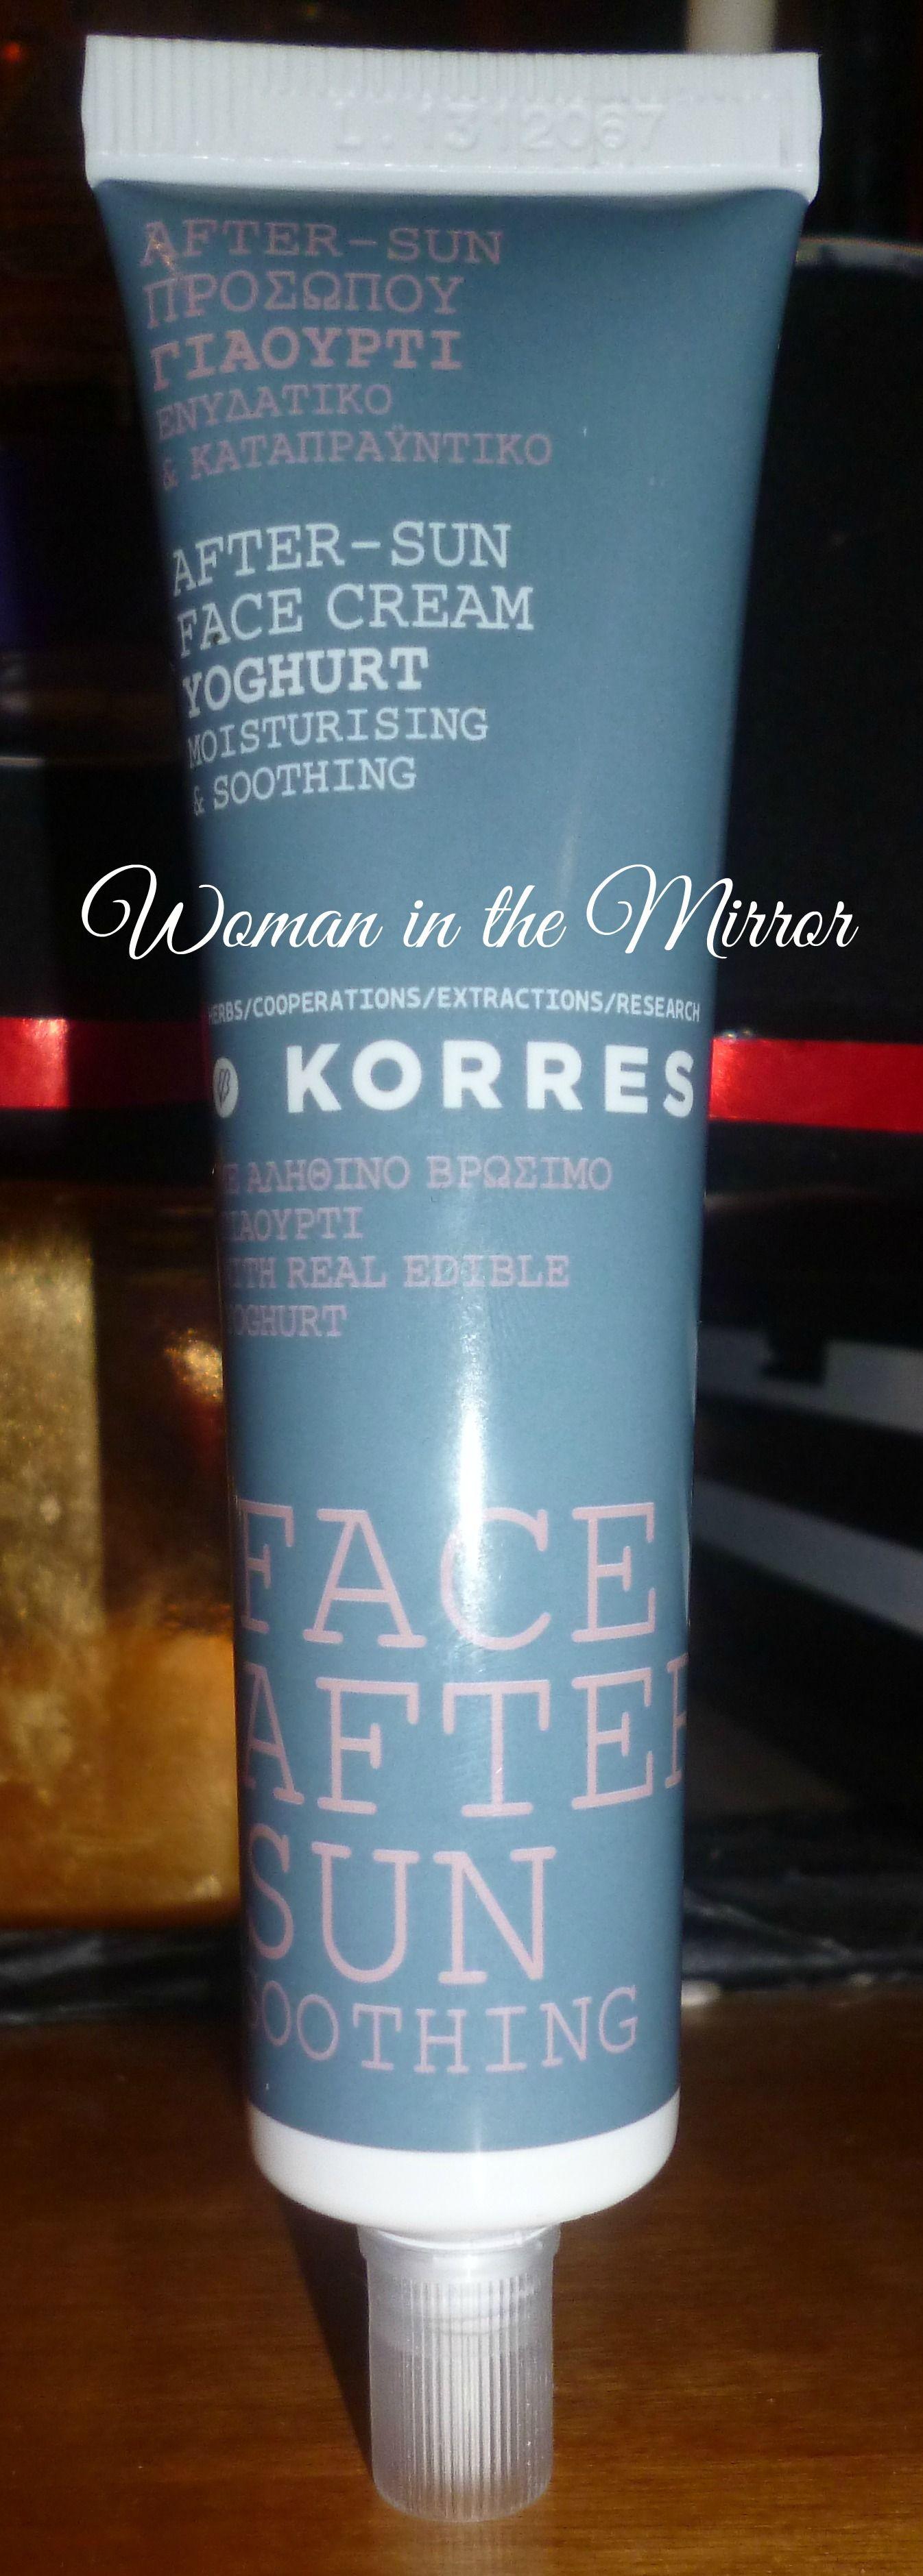 http://inthemirror73.blogspot.gr/2015/06/after-sun-korres.html